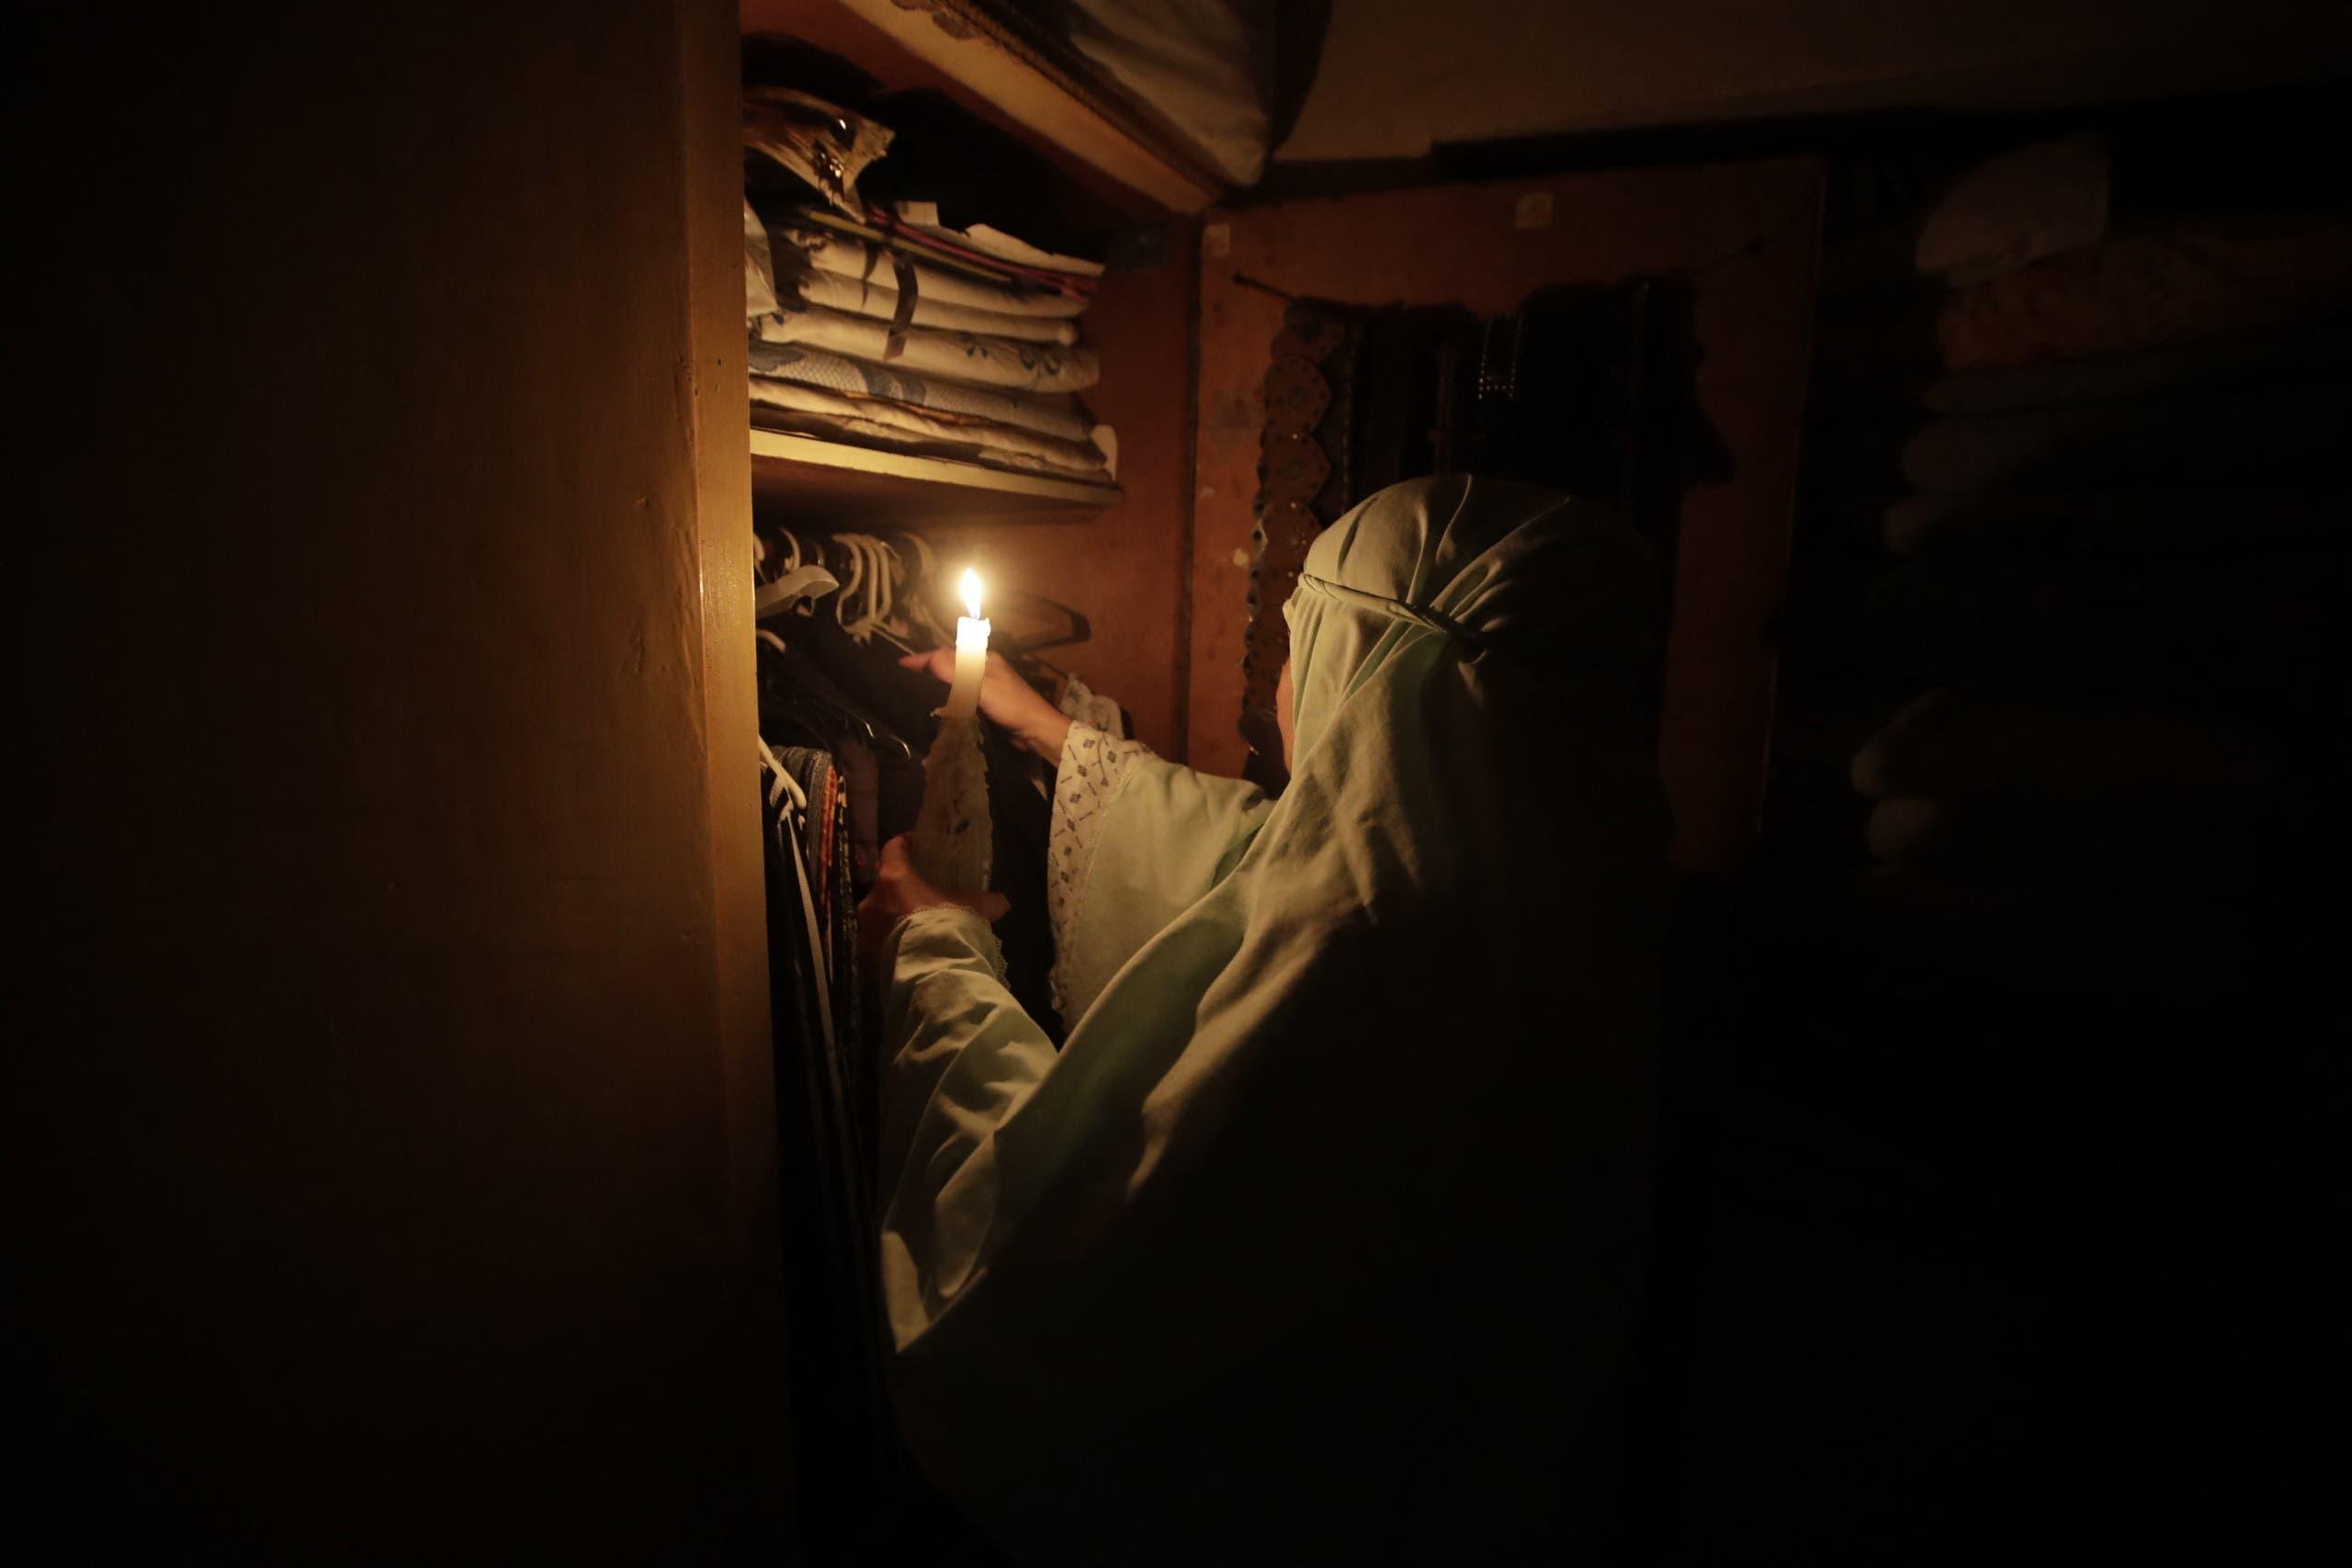 الأزمة المالية أدت لانقطاع شبه تام للكهرباء عن أنحاء لبنان